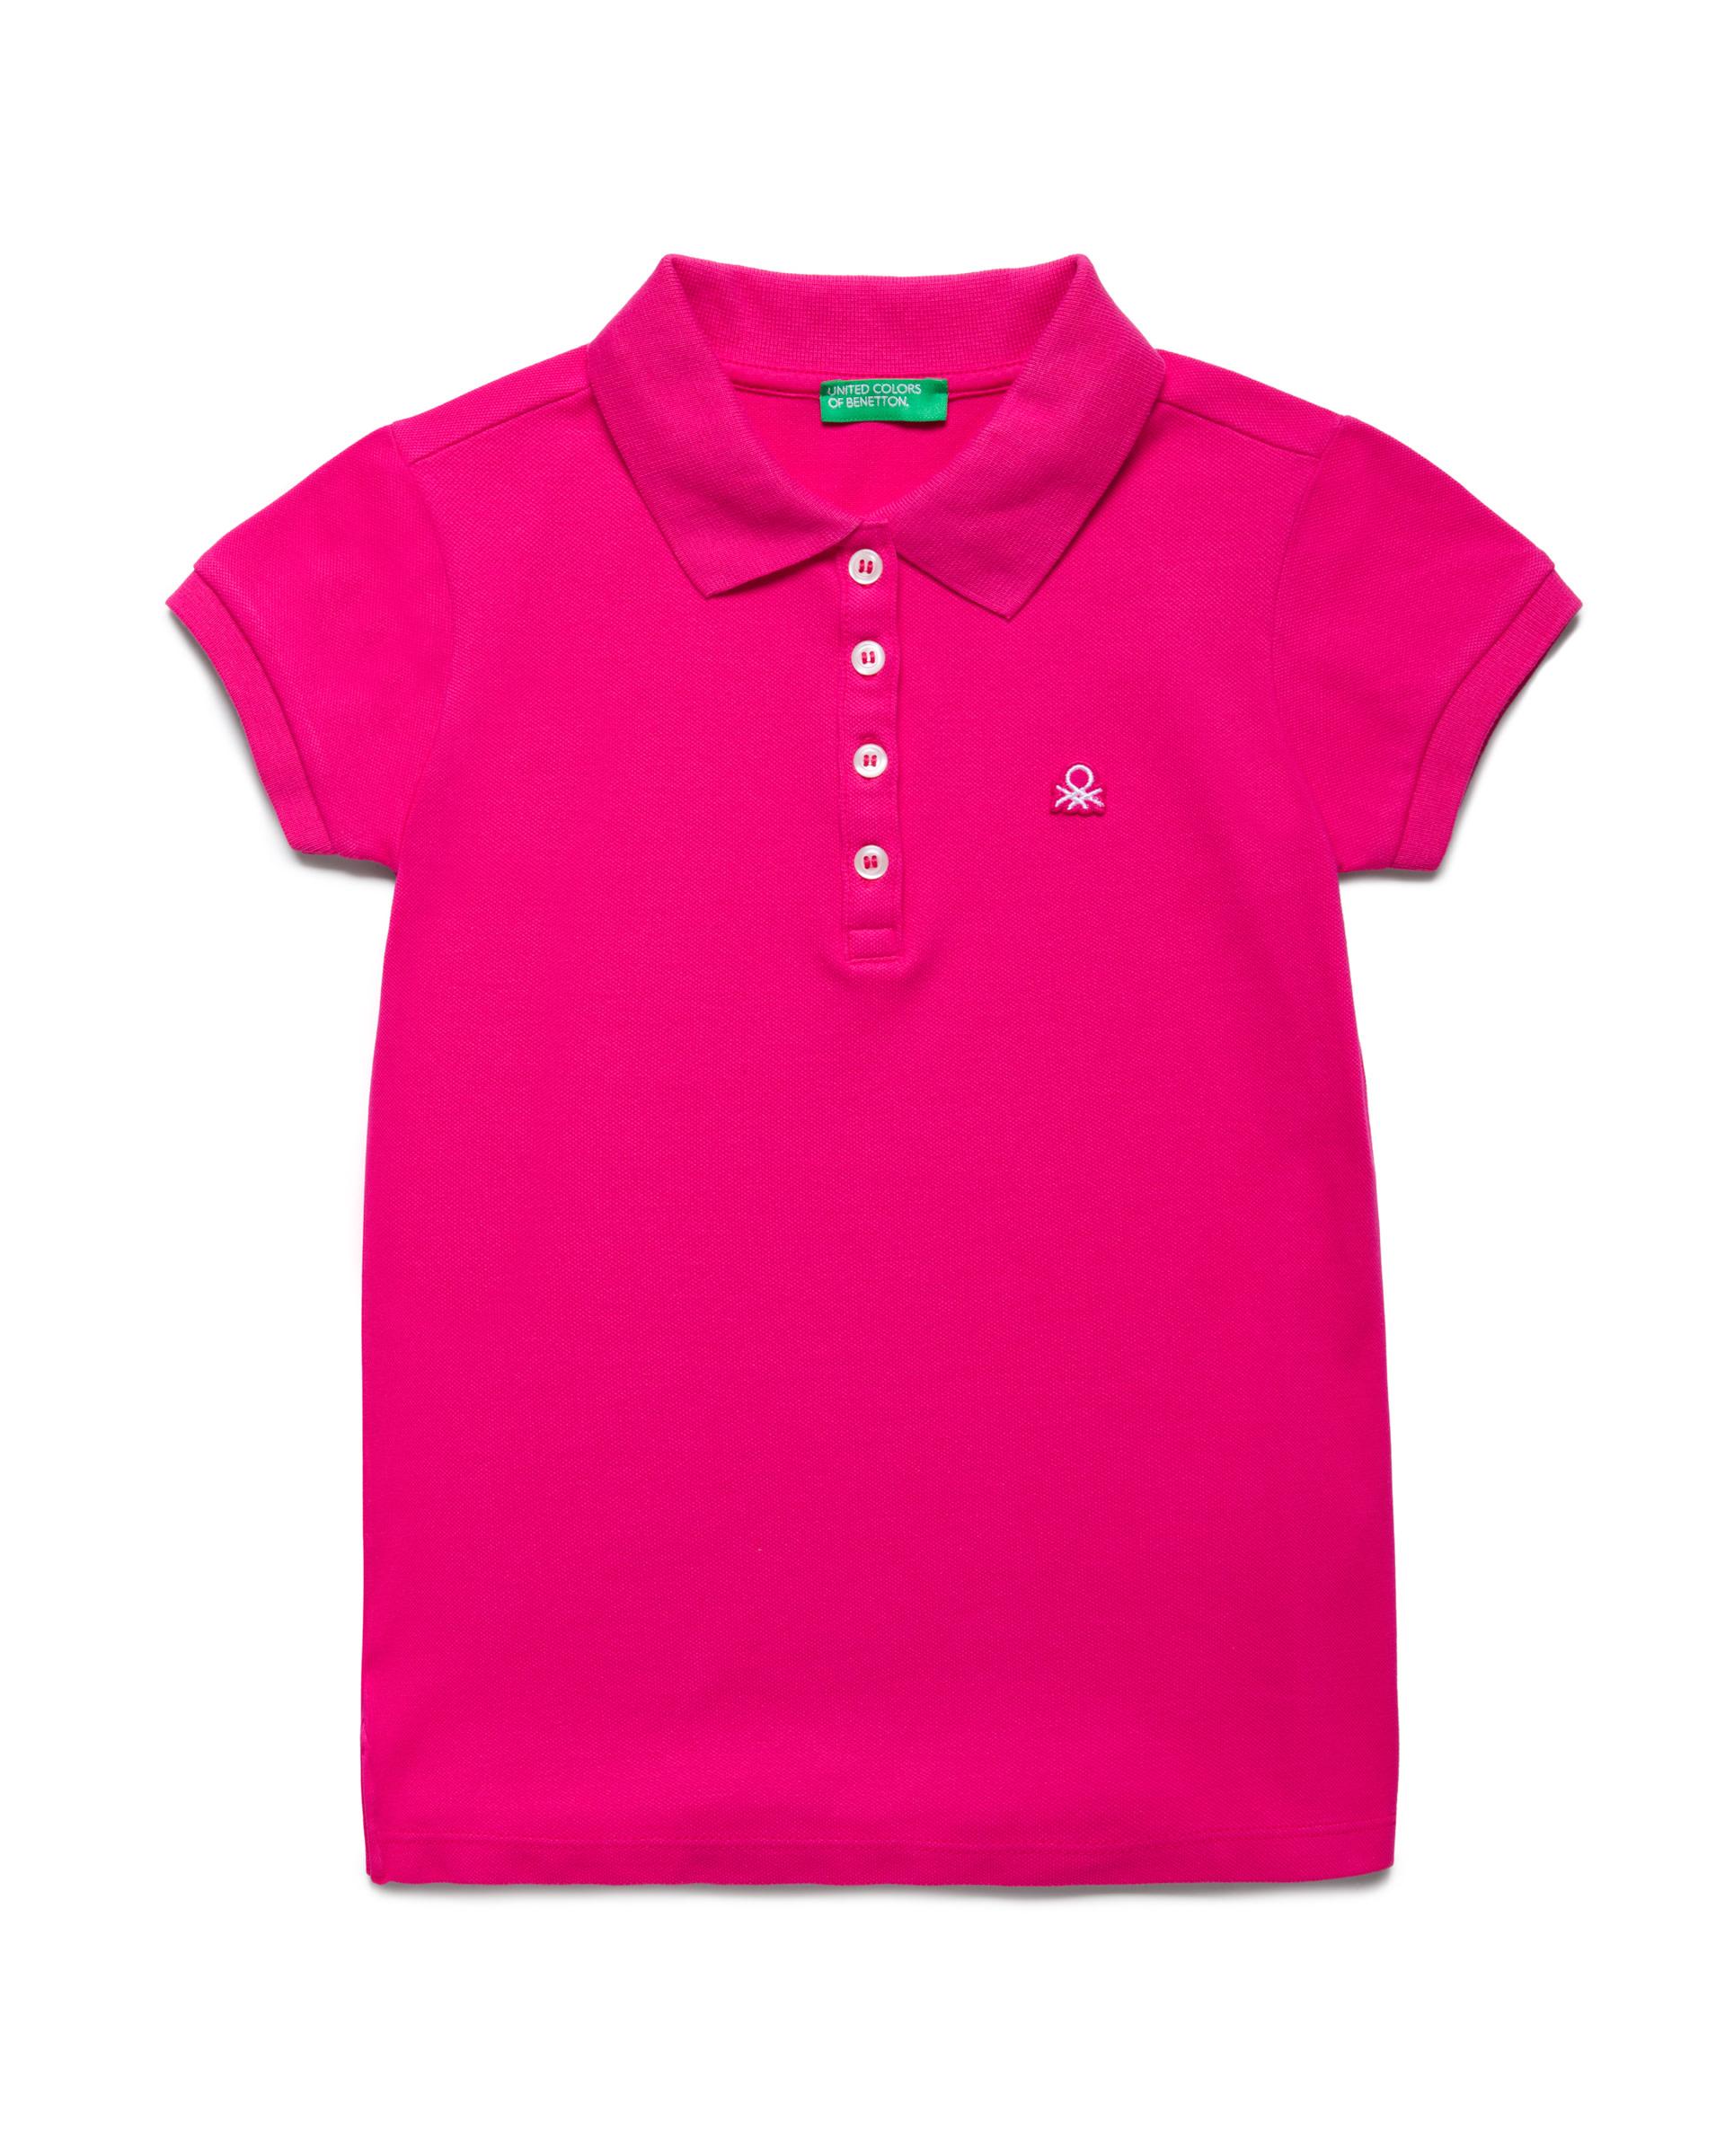 Купить 20P_3WG9C3092_2L3, Поло-пике для девочек Benetton 3WG9C3092_2L3 р-р 140, United Colors of Benetton, Детские футболки